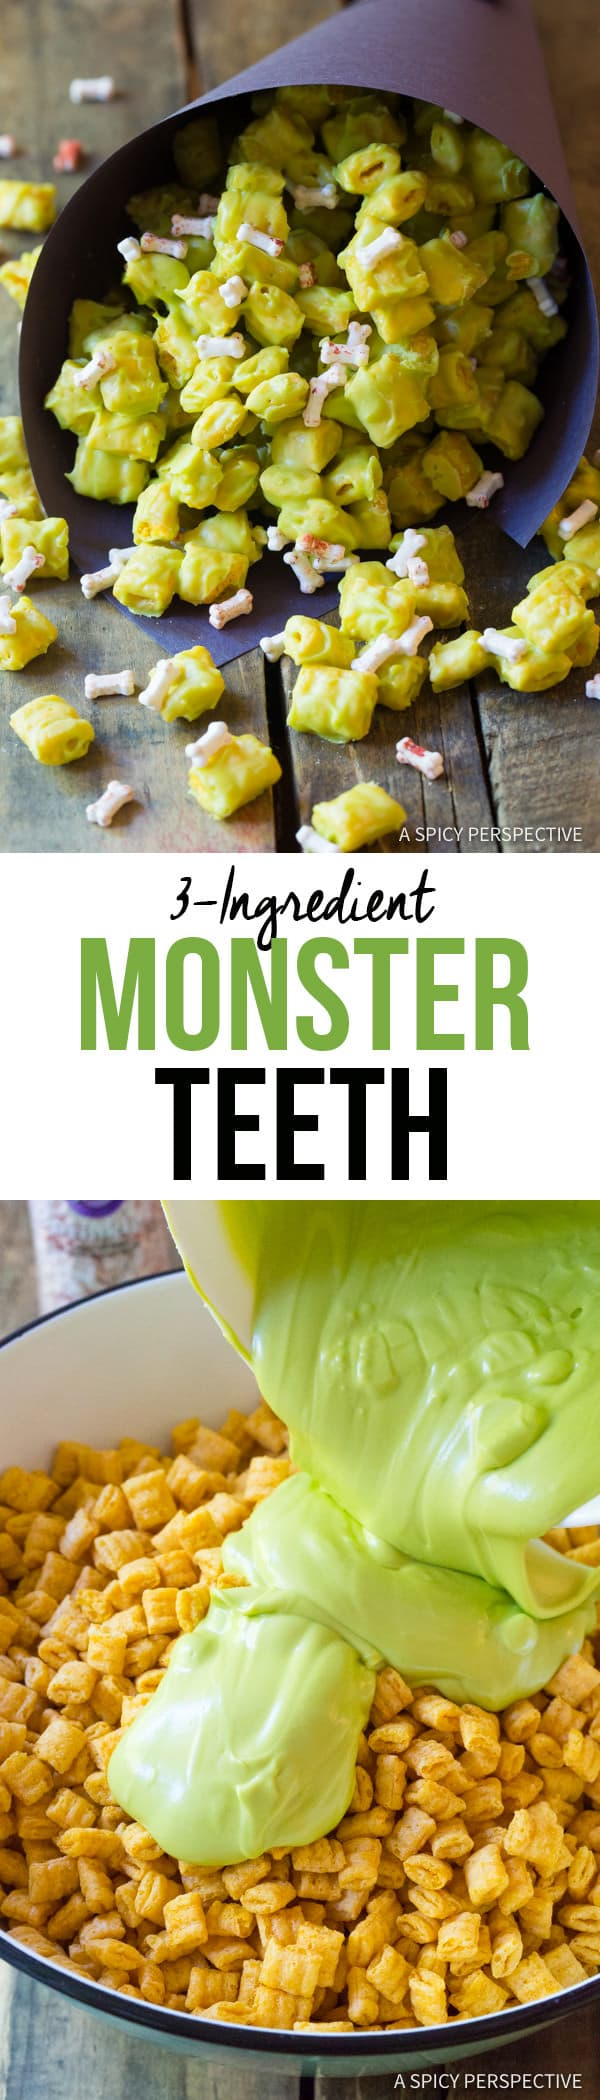 Spooky 3-Ingredient Monster Teeth Recipe for Halloween! | ASpicyPerspective.com